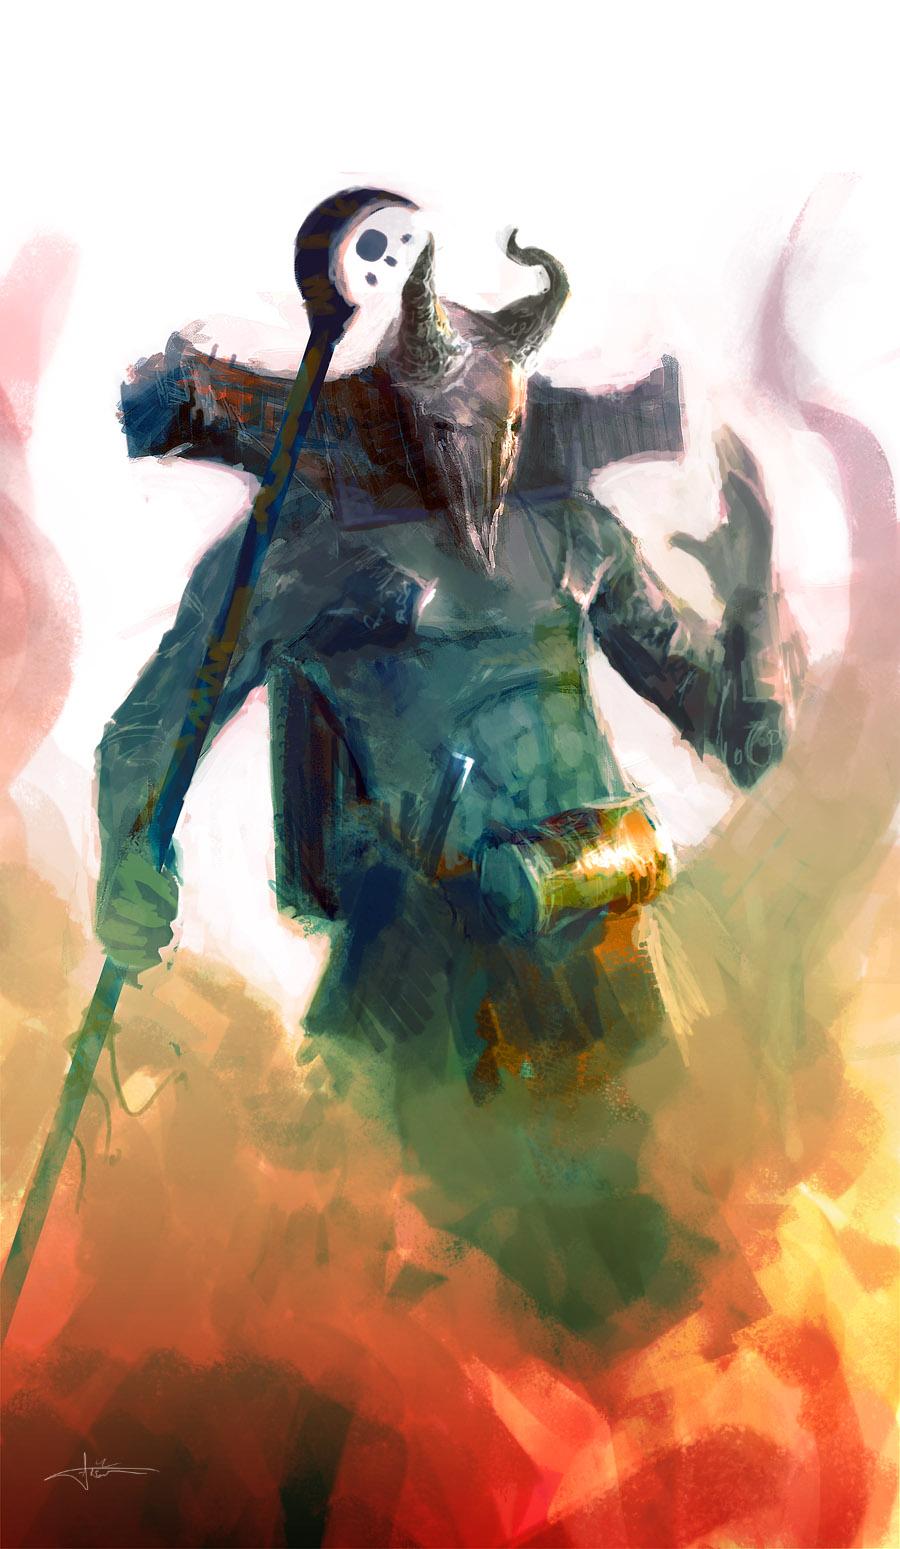 Demented Shaman II by erenarik